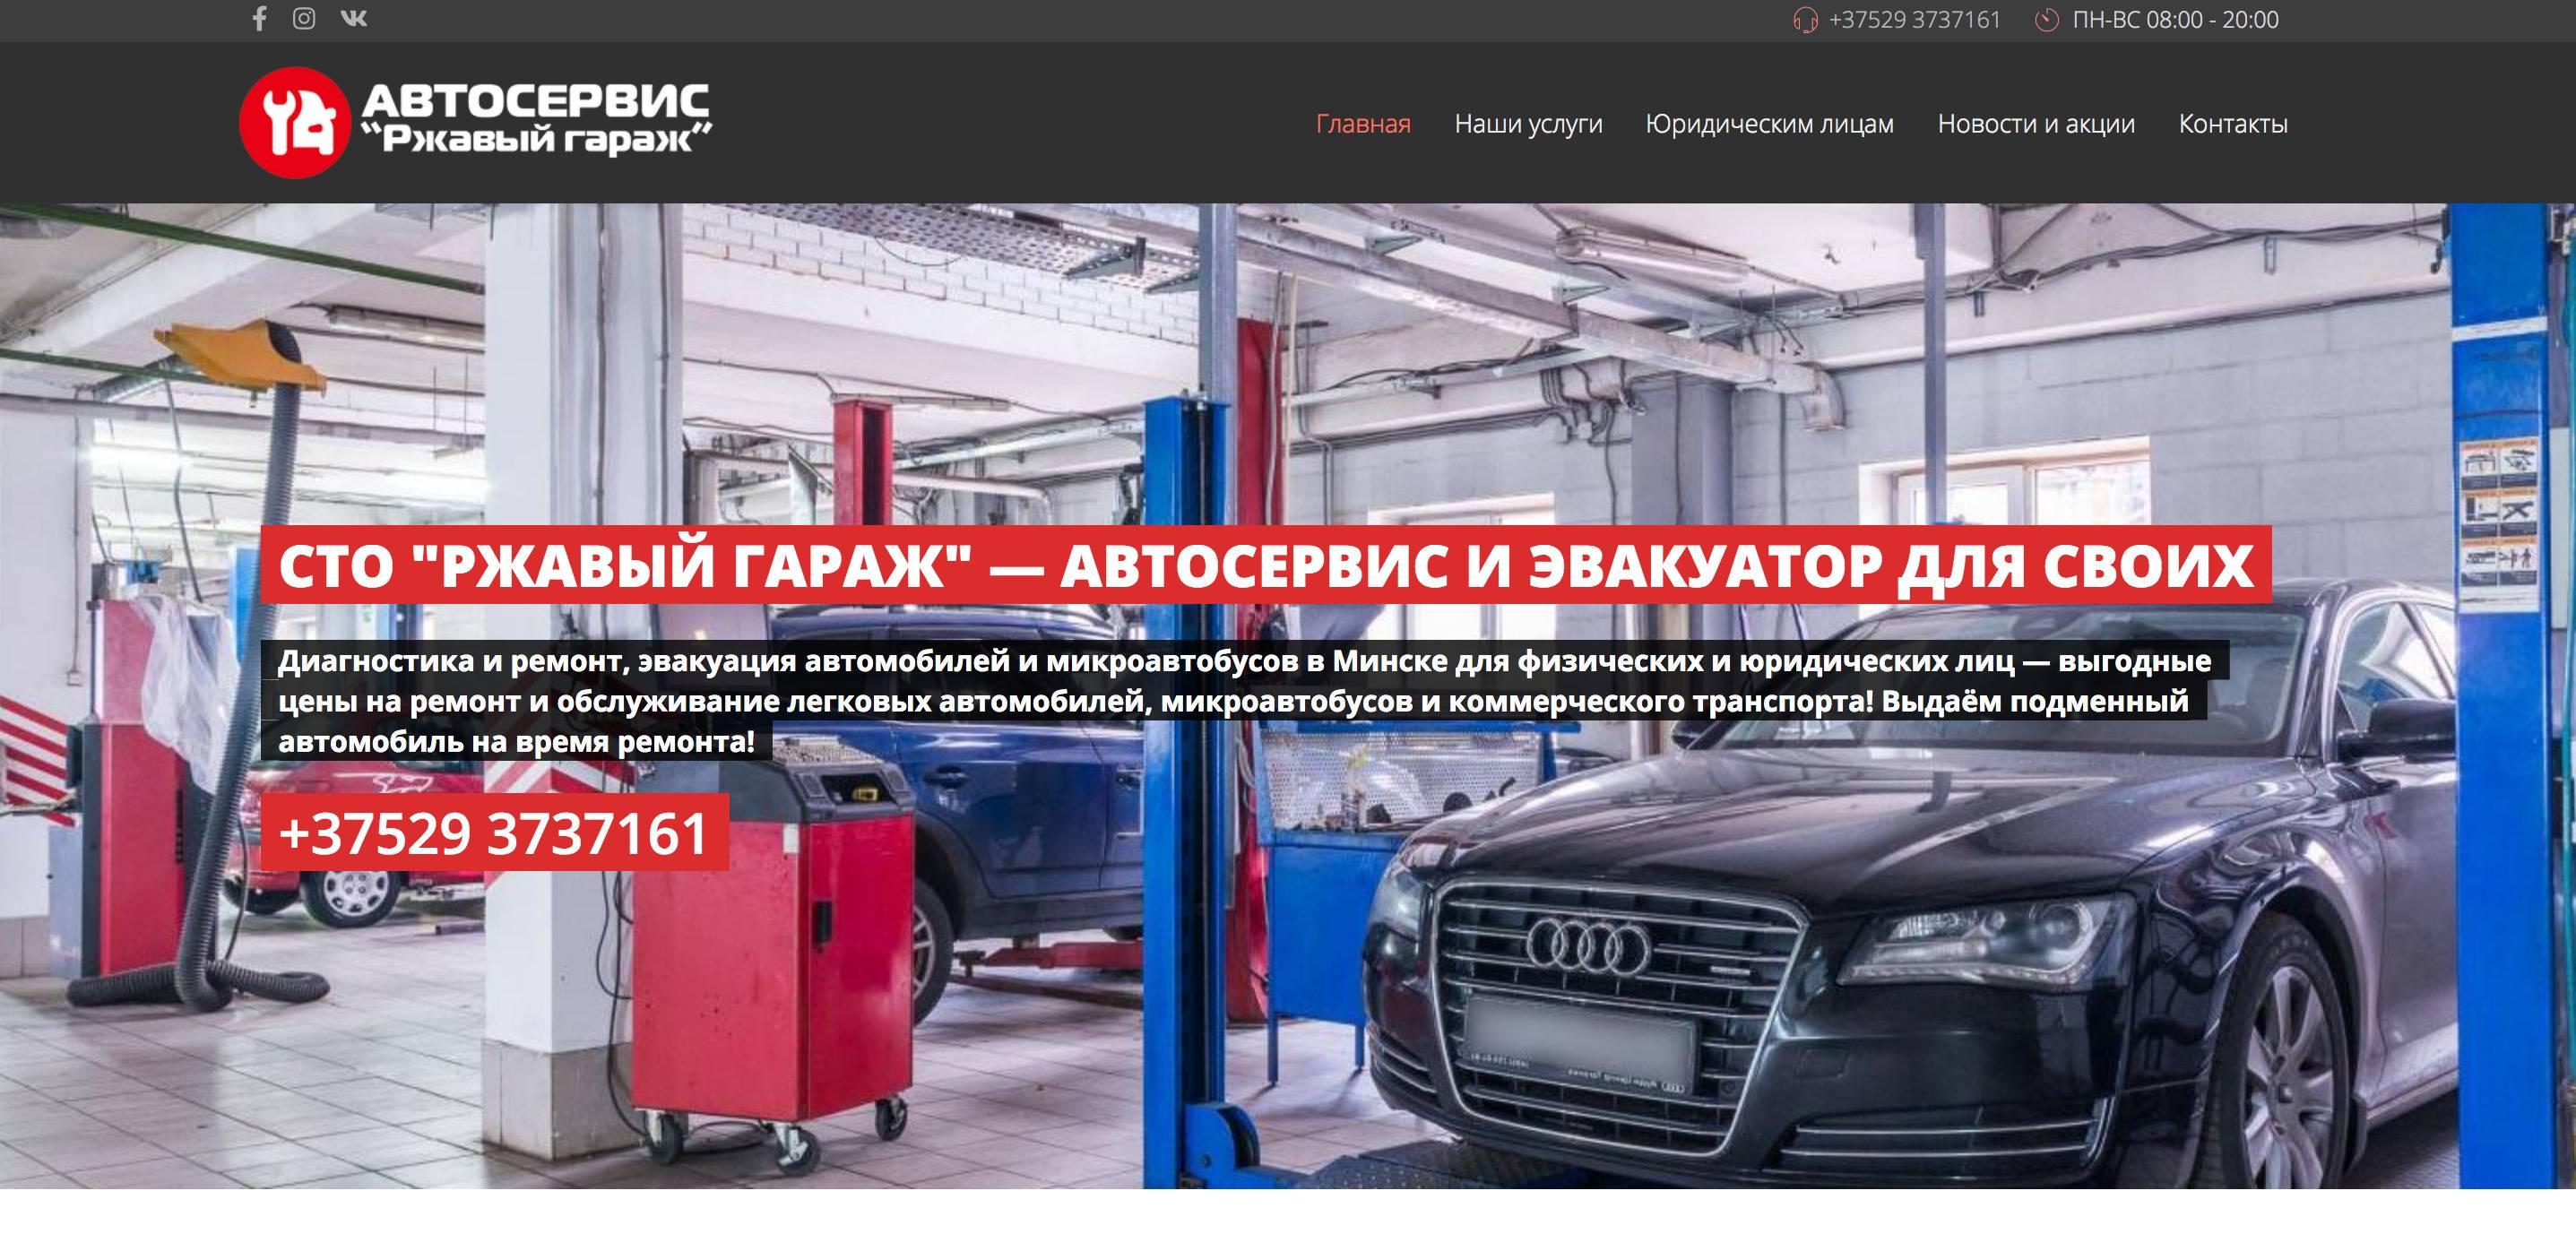 Диагностика и ремонт автомобилей в Минске